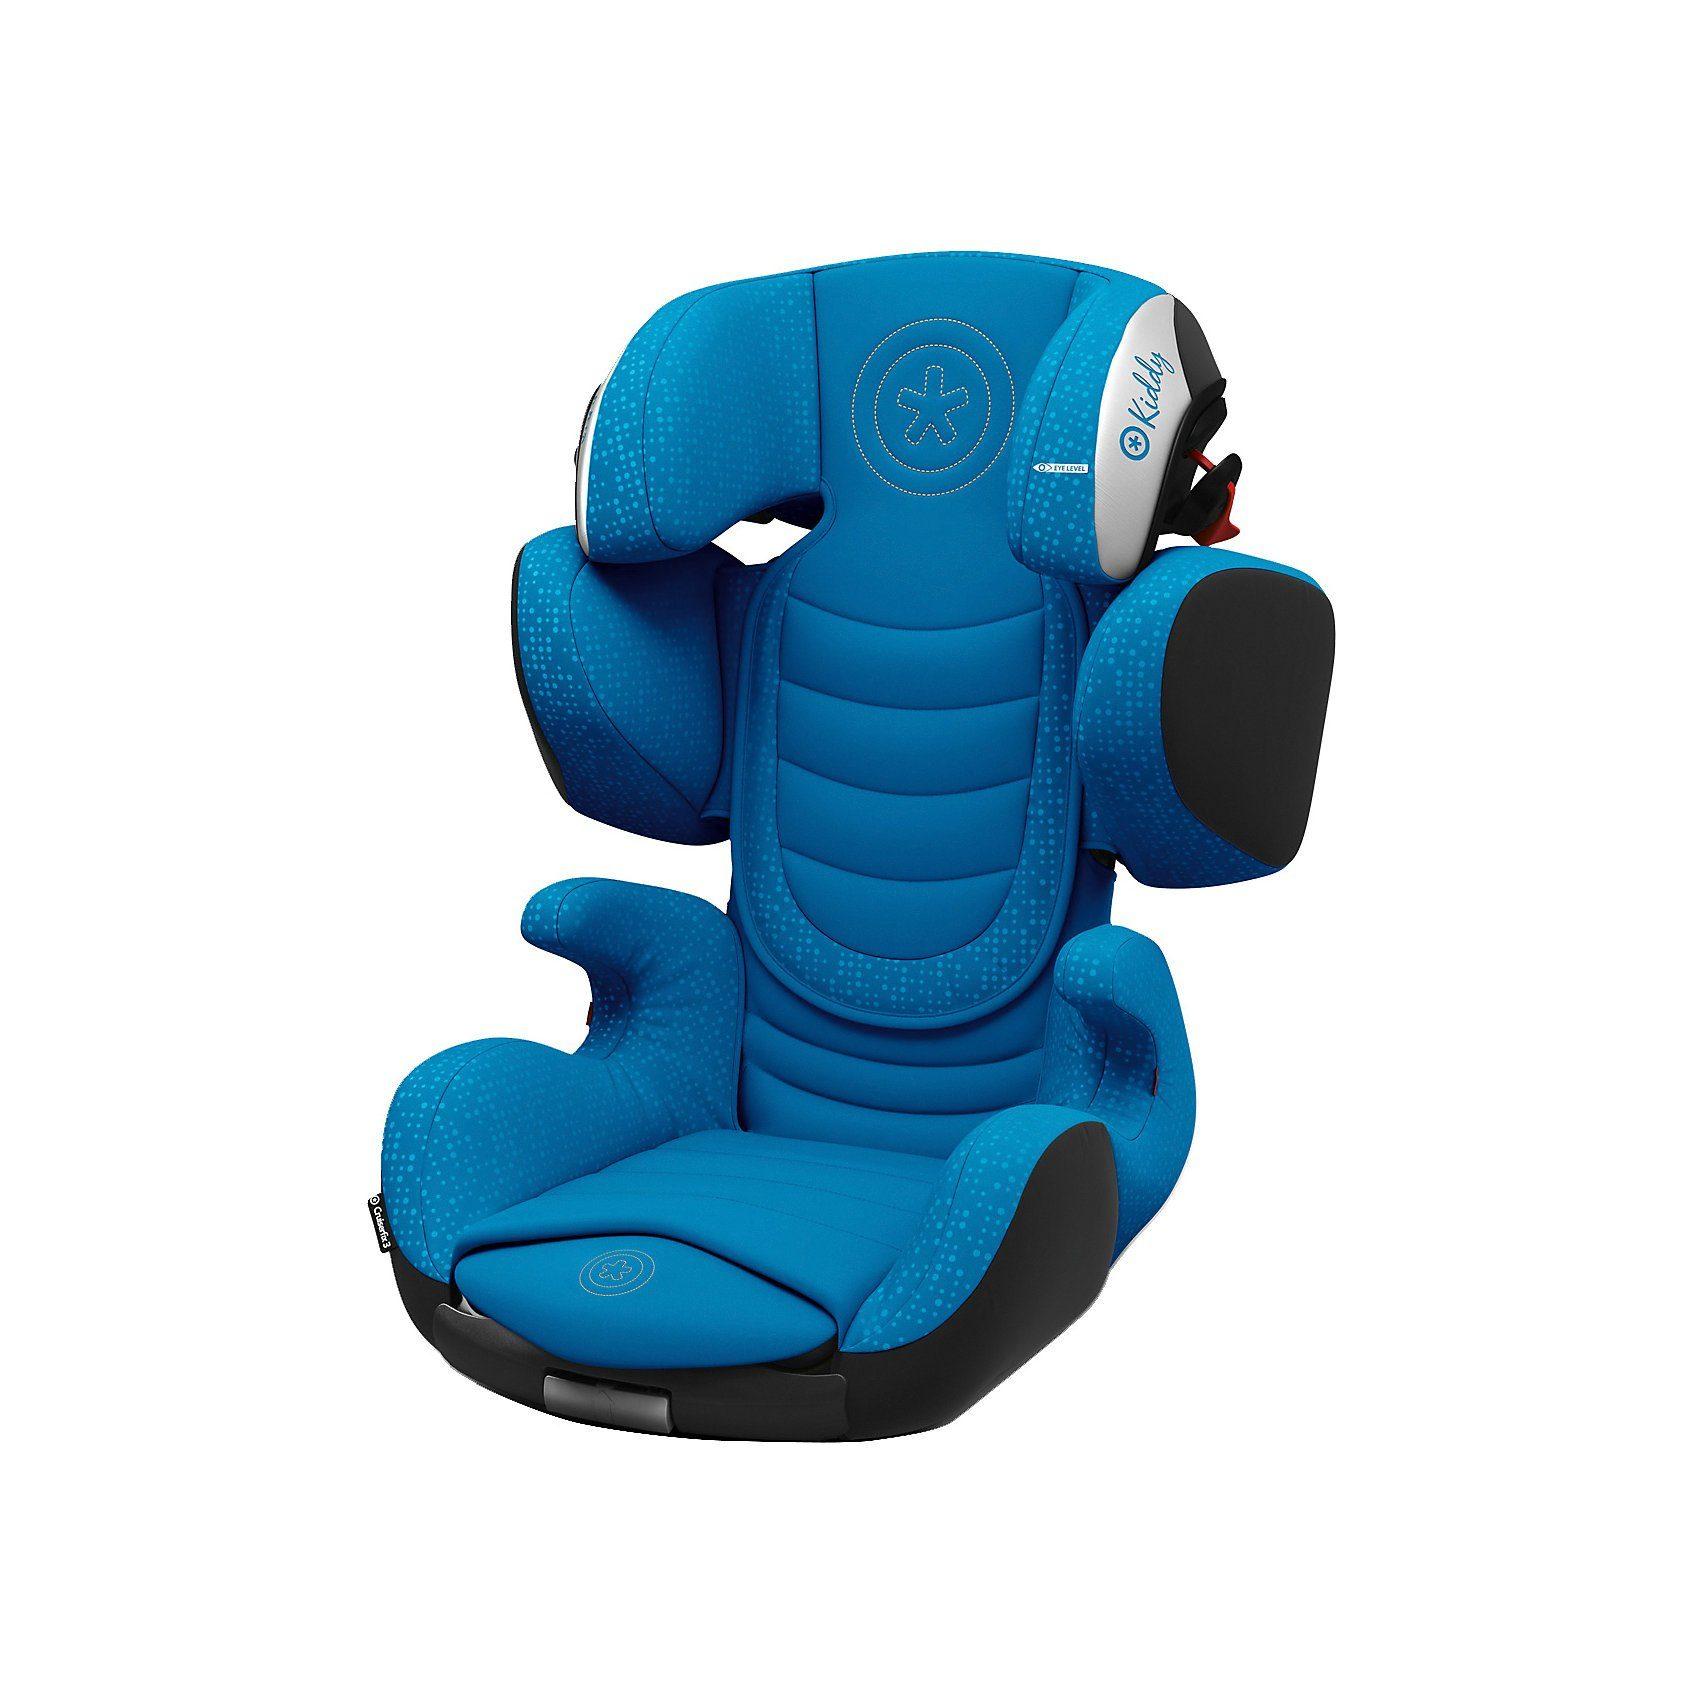 kiddy Auto-Kindersitz Cruiserfix 3, Summer Blue, 2018